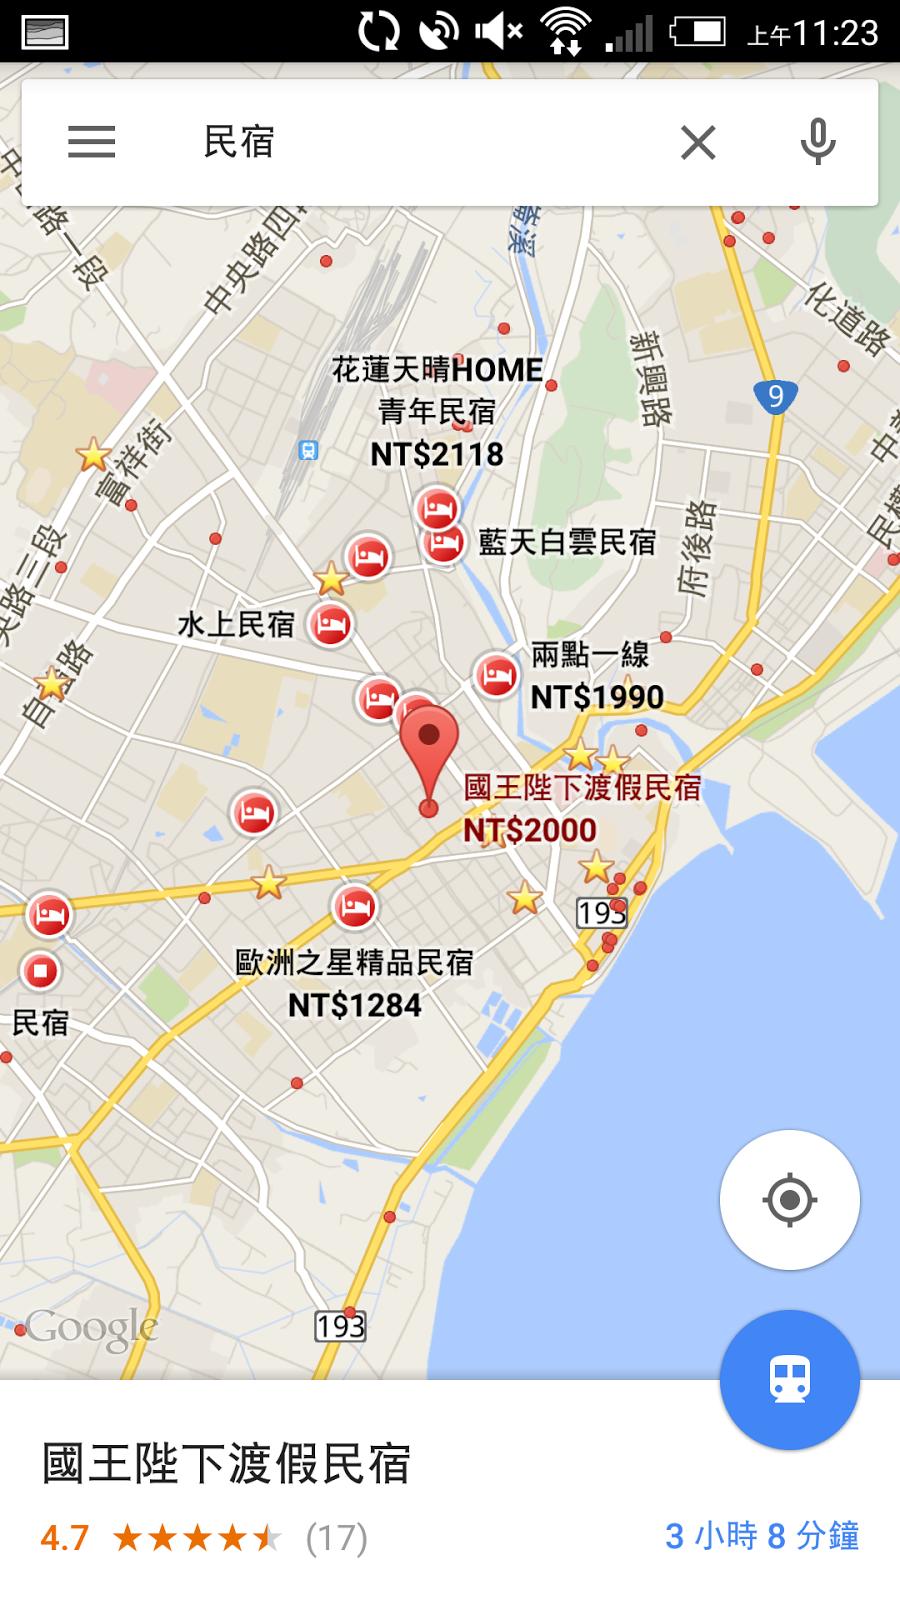 用 Google 地圖手機版完成飯店訂房 8 步驟立刻出發!